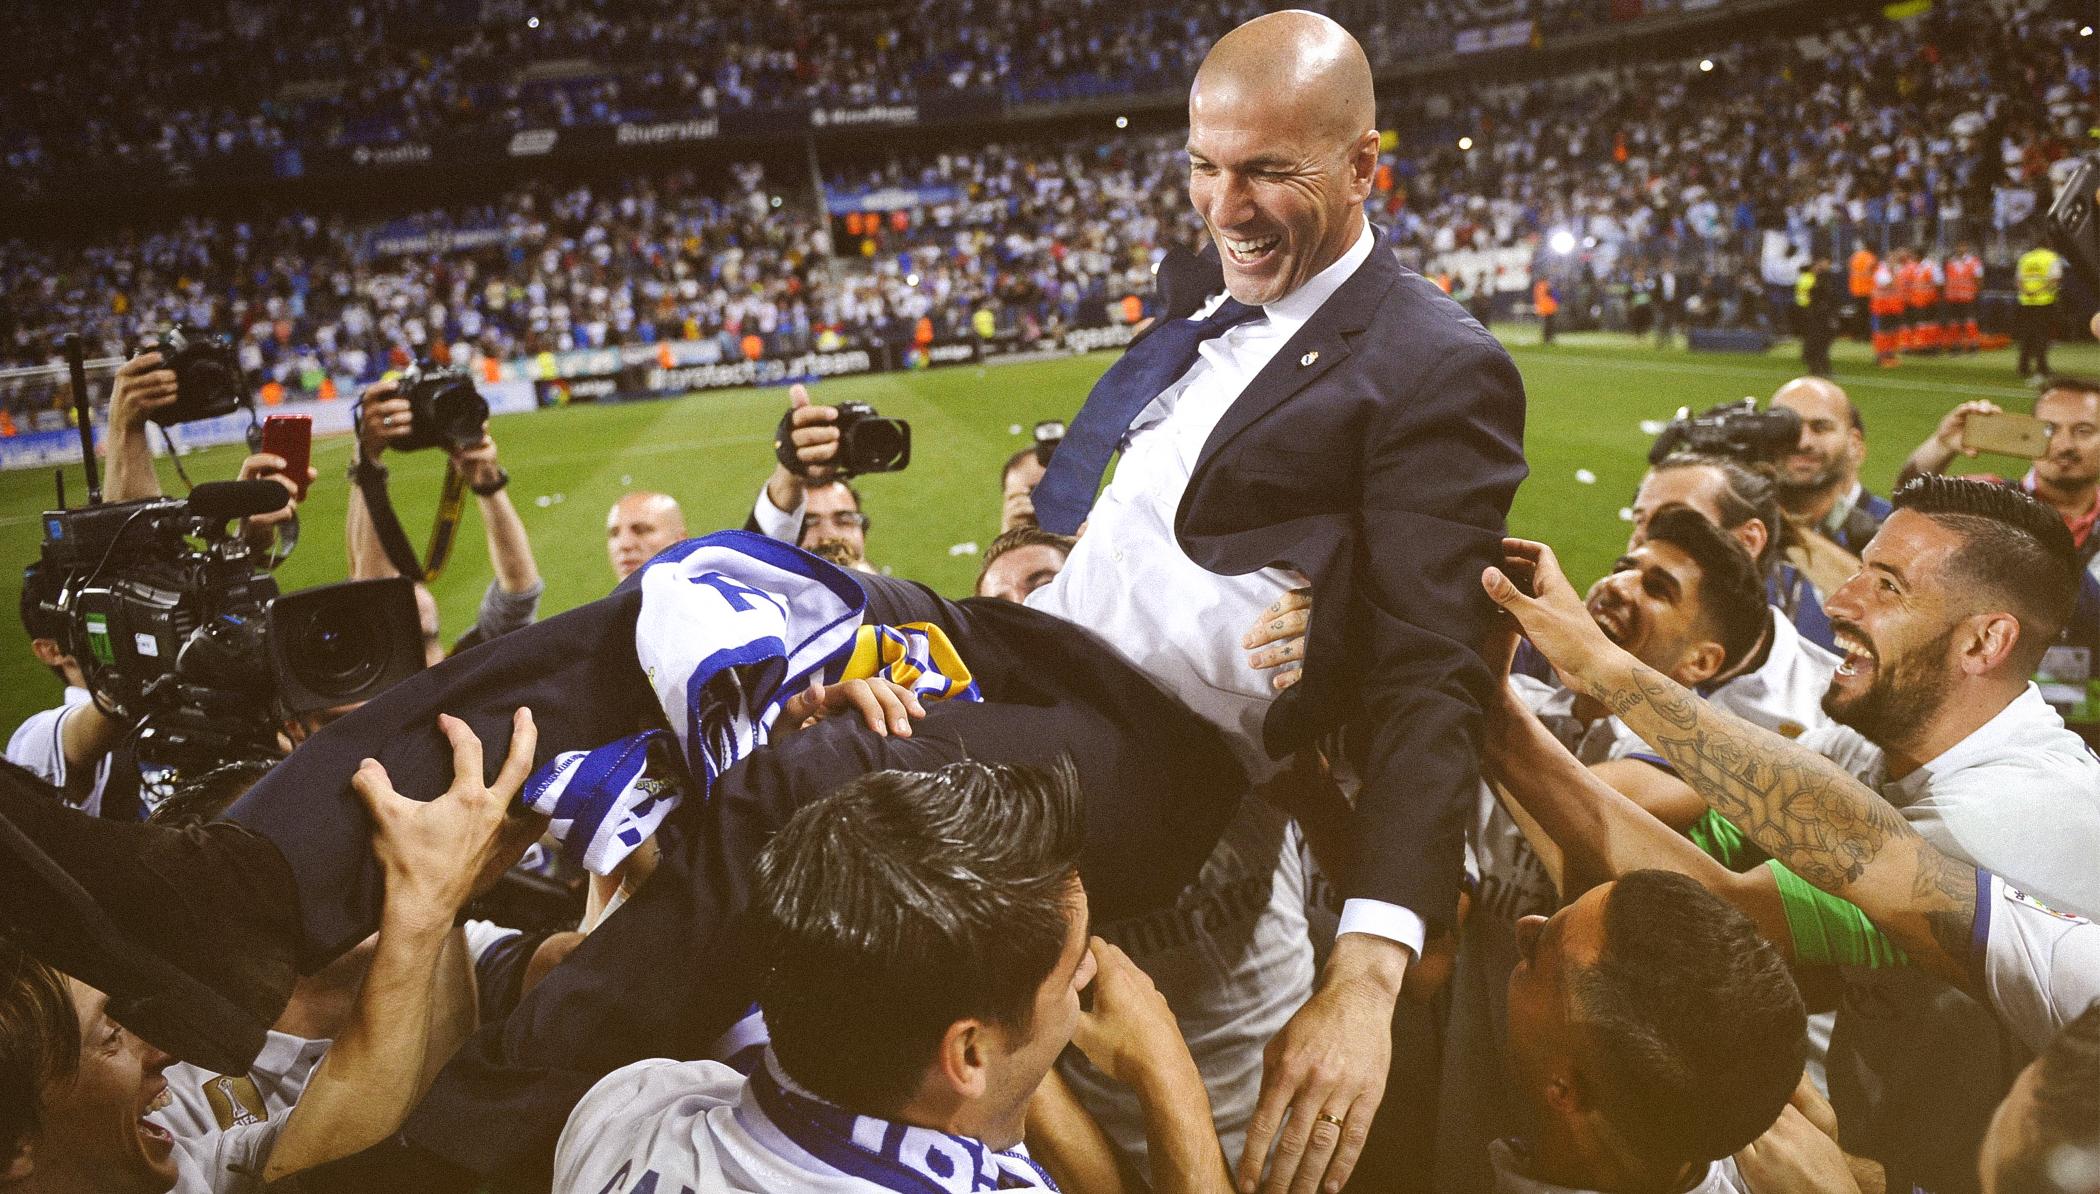 Trong tay Zinedine Zidane, quyền lực trở nên lung linh đến khó cưỡng - Ảnh 9.